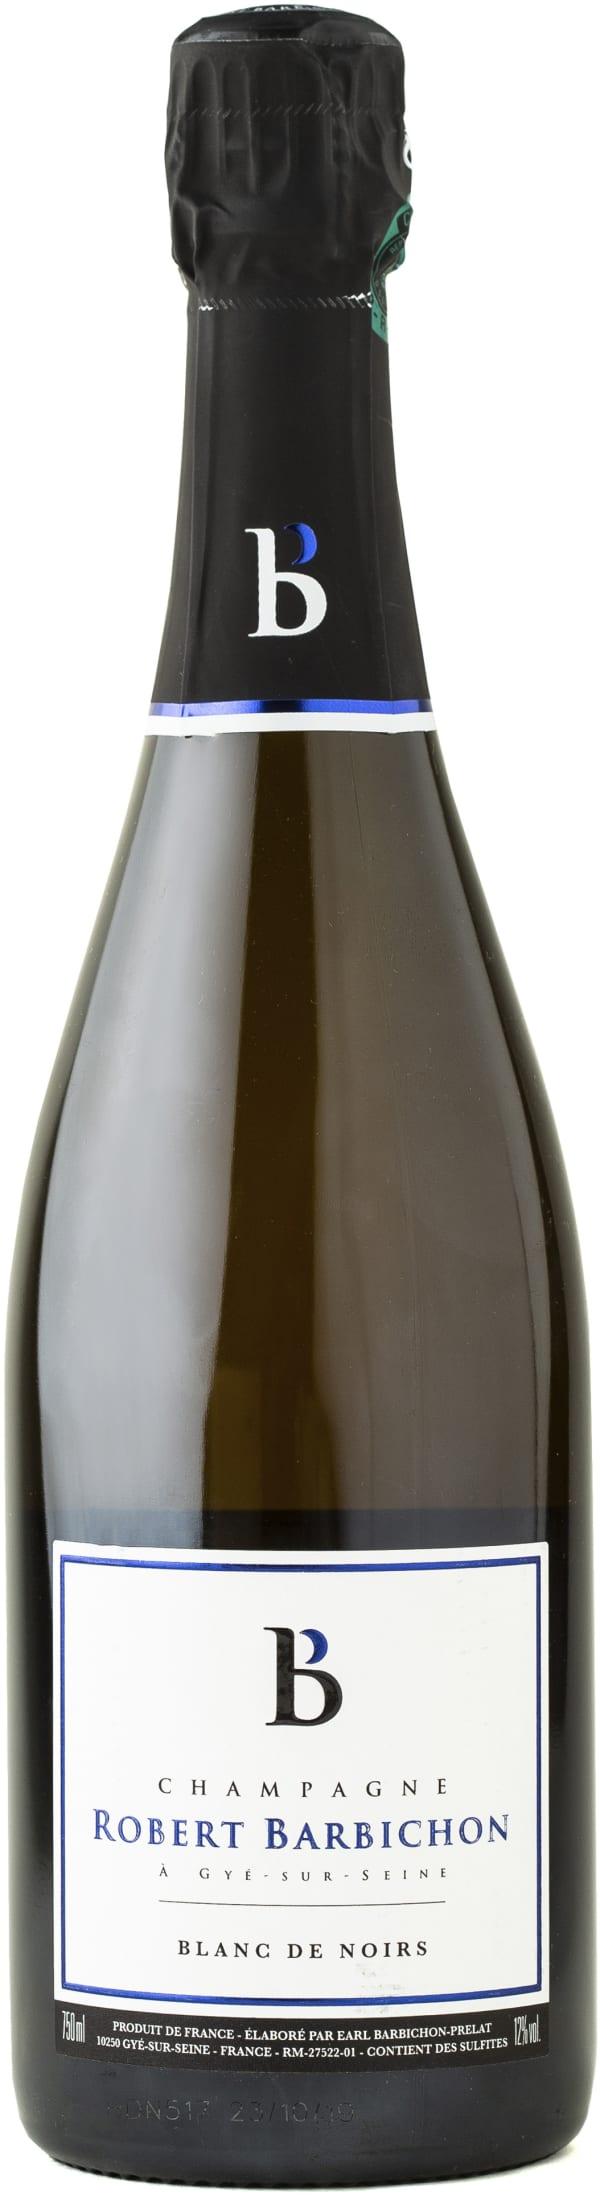 Robert Barbichon Blanc de Noirs Champagne Brut